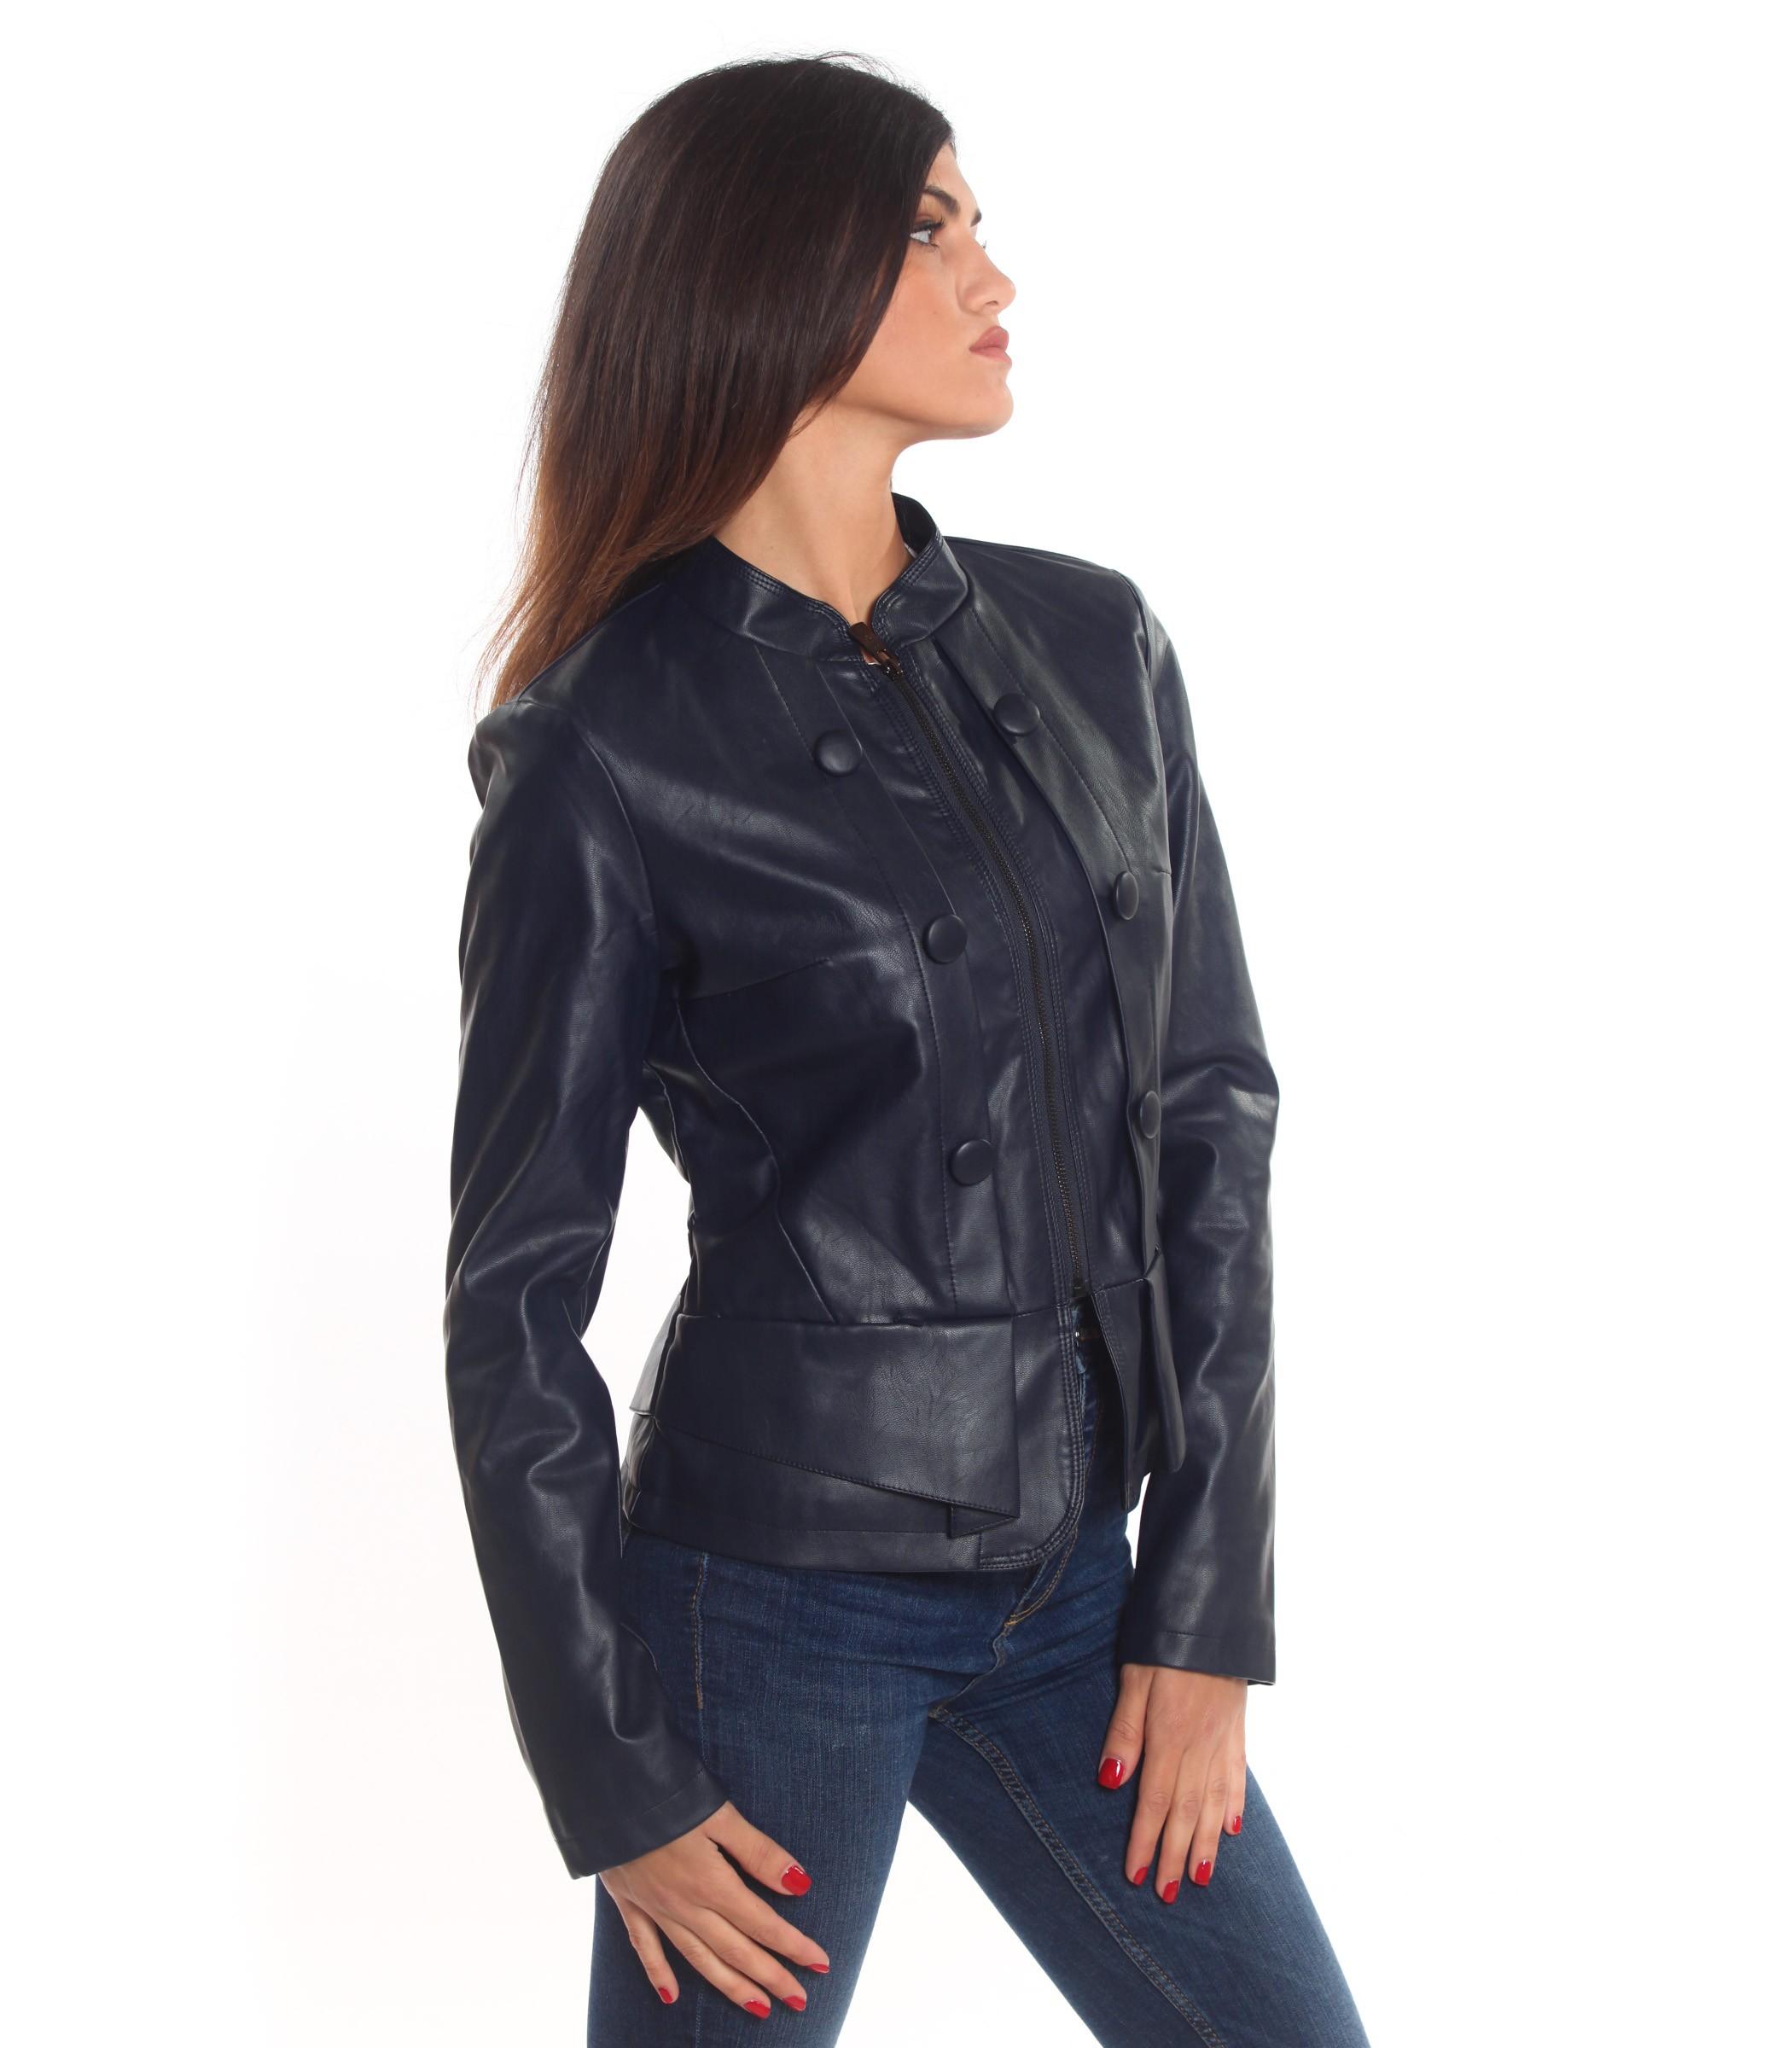 online retailer 6e94d 7124e Giubbotto Giubbino Giacca Yes Zee in eco pelle da donna rif ...